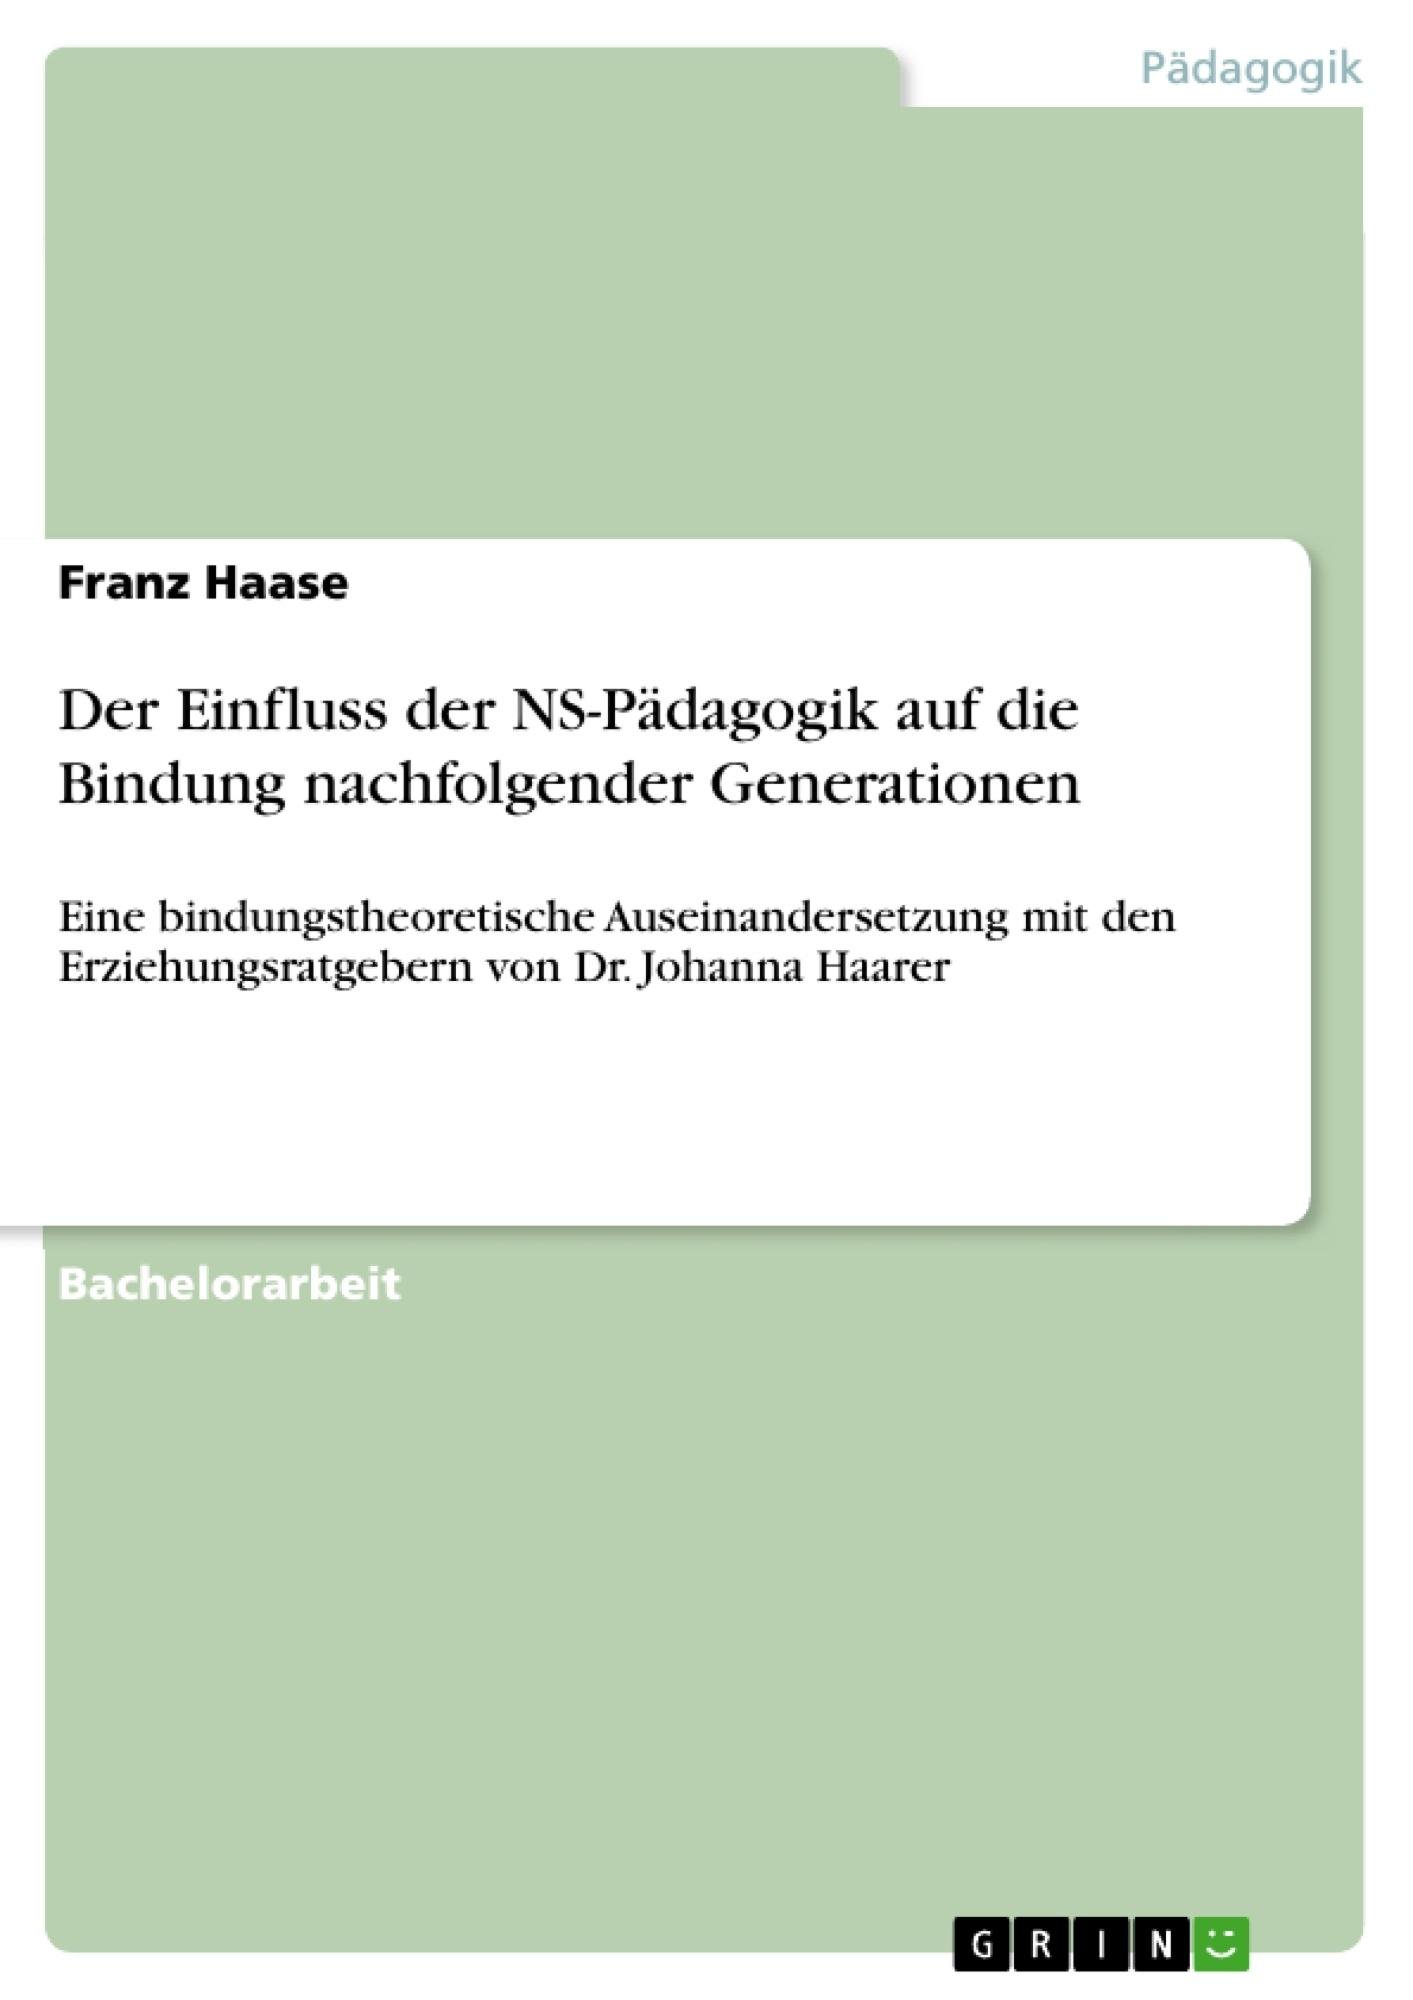 Titel: Der Einfluss der NS-Pädagogik auf die Bindung nachfolgender Generationen